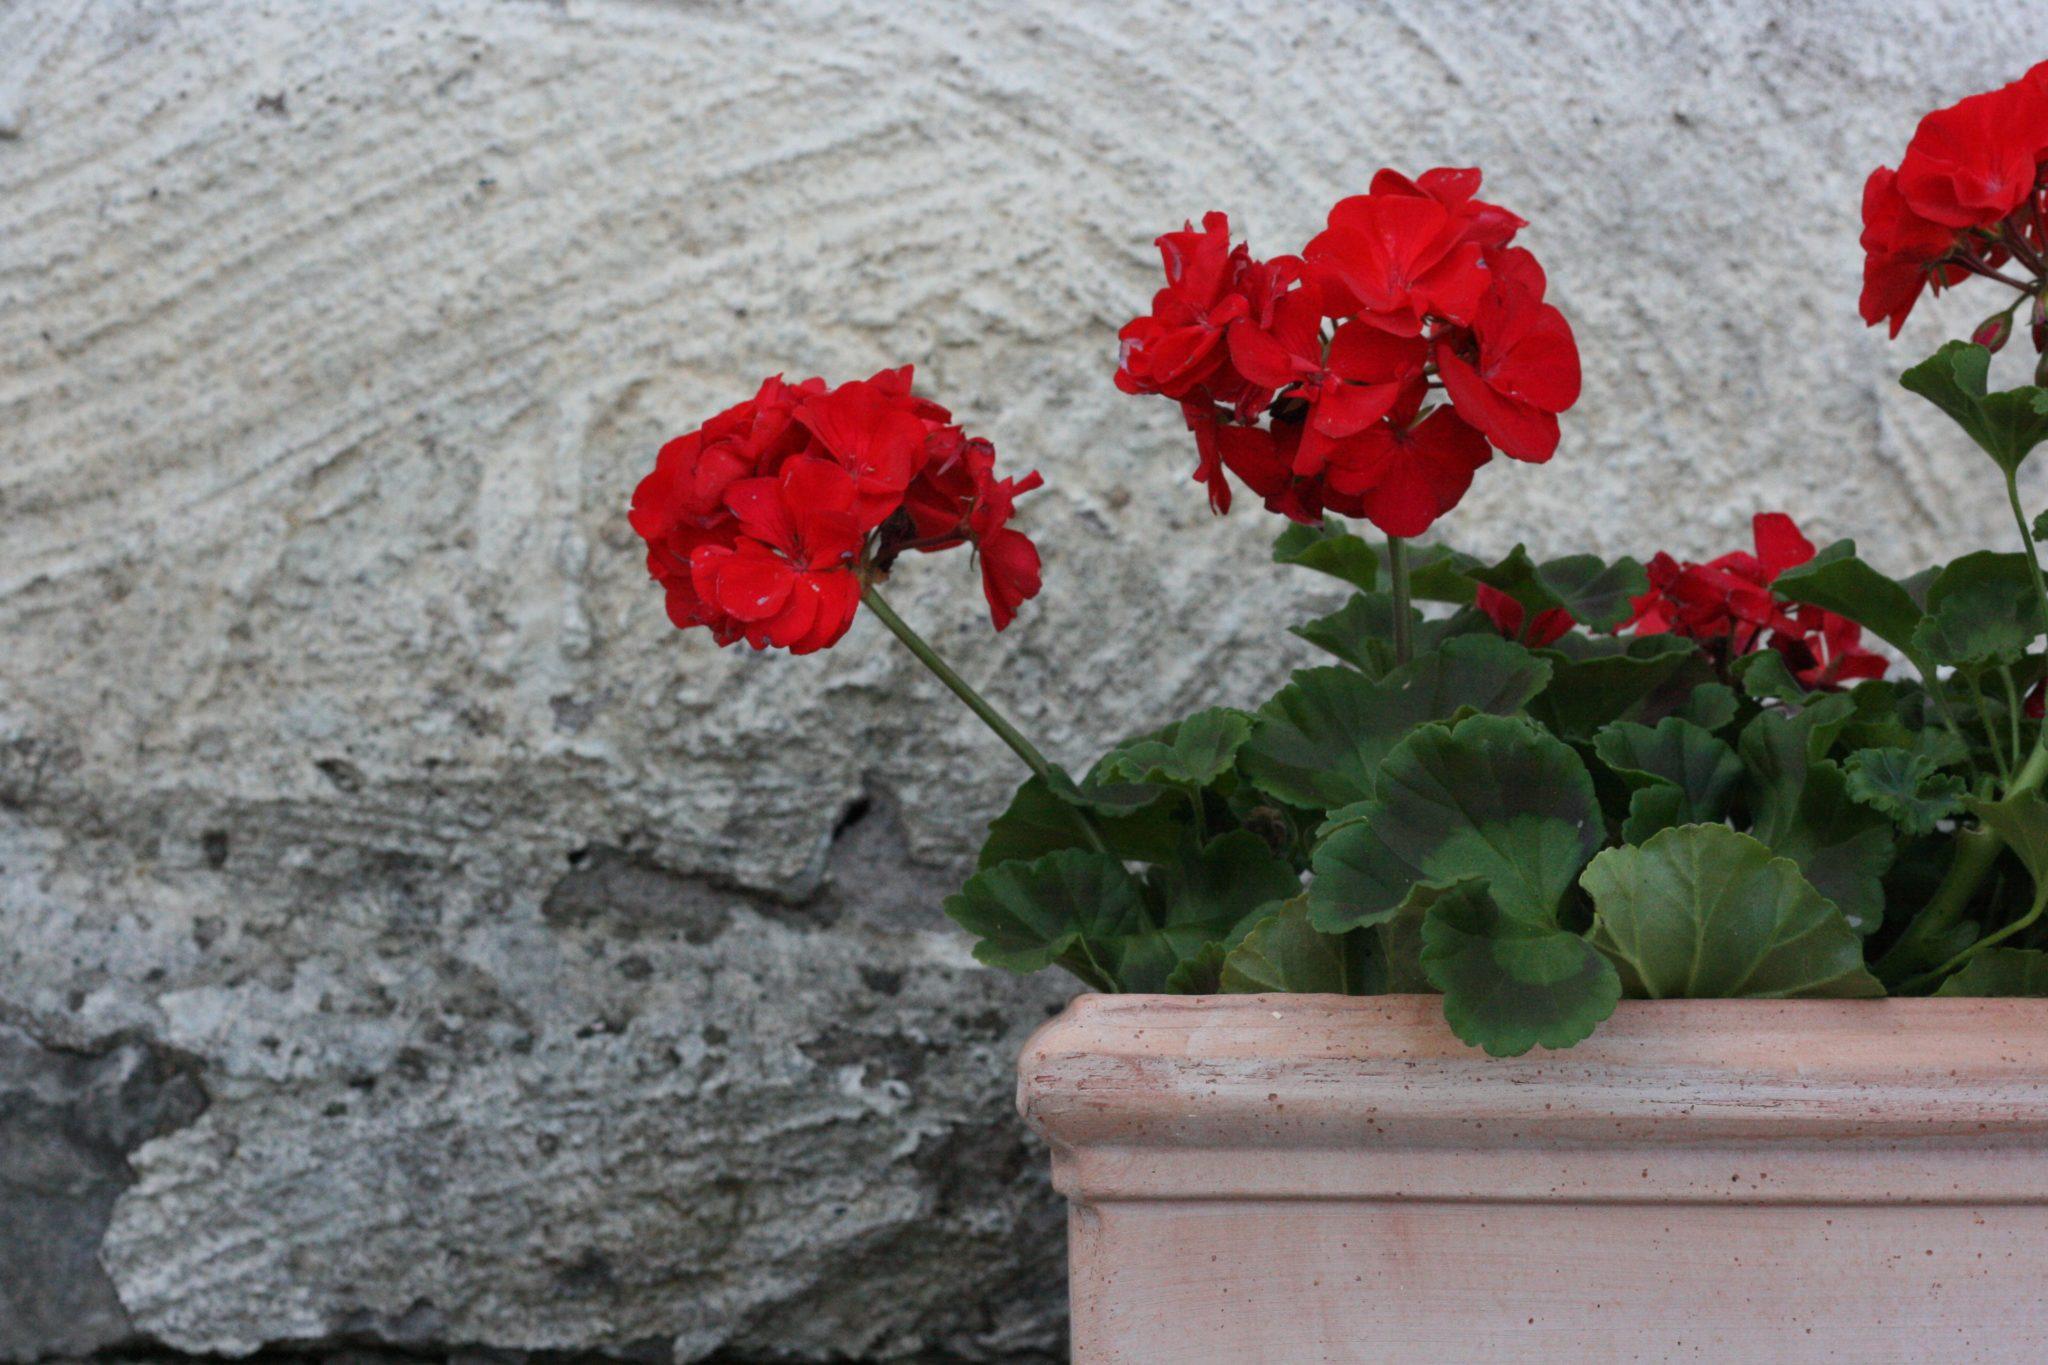 balkonglåda med röda pelargoner